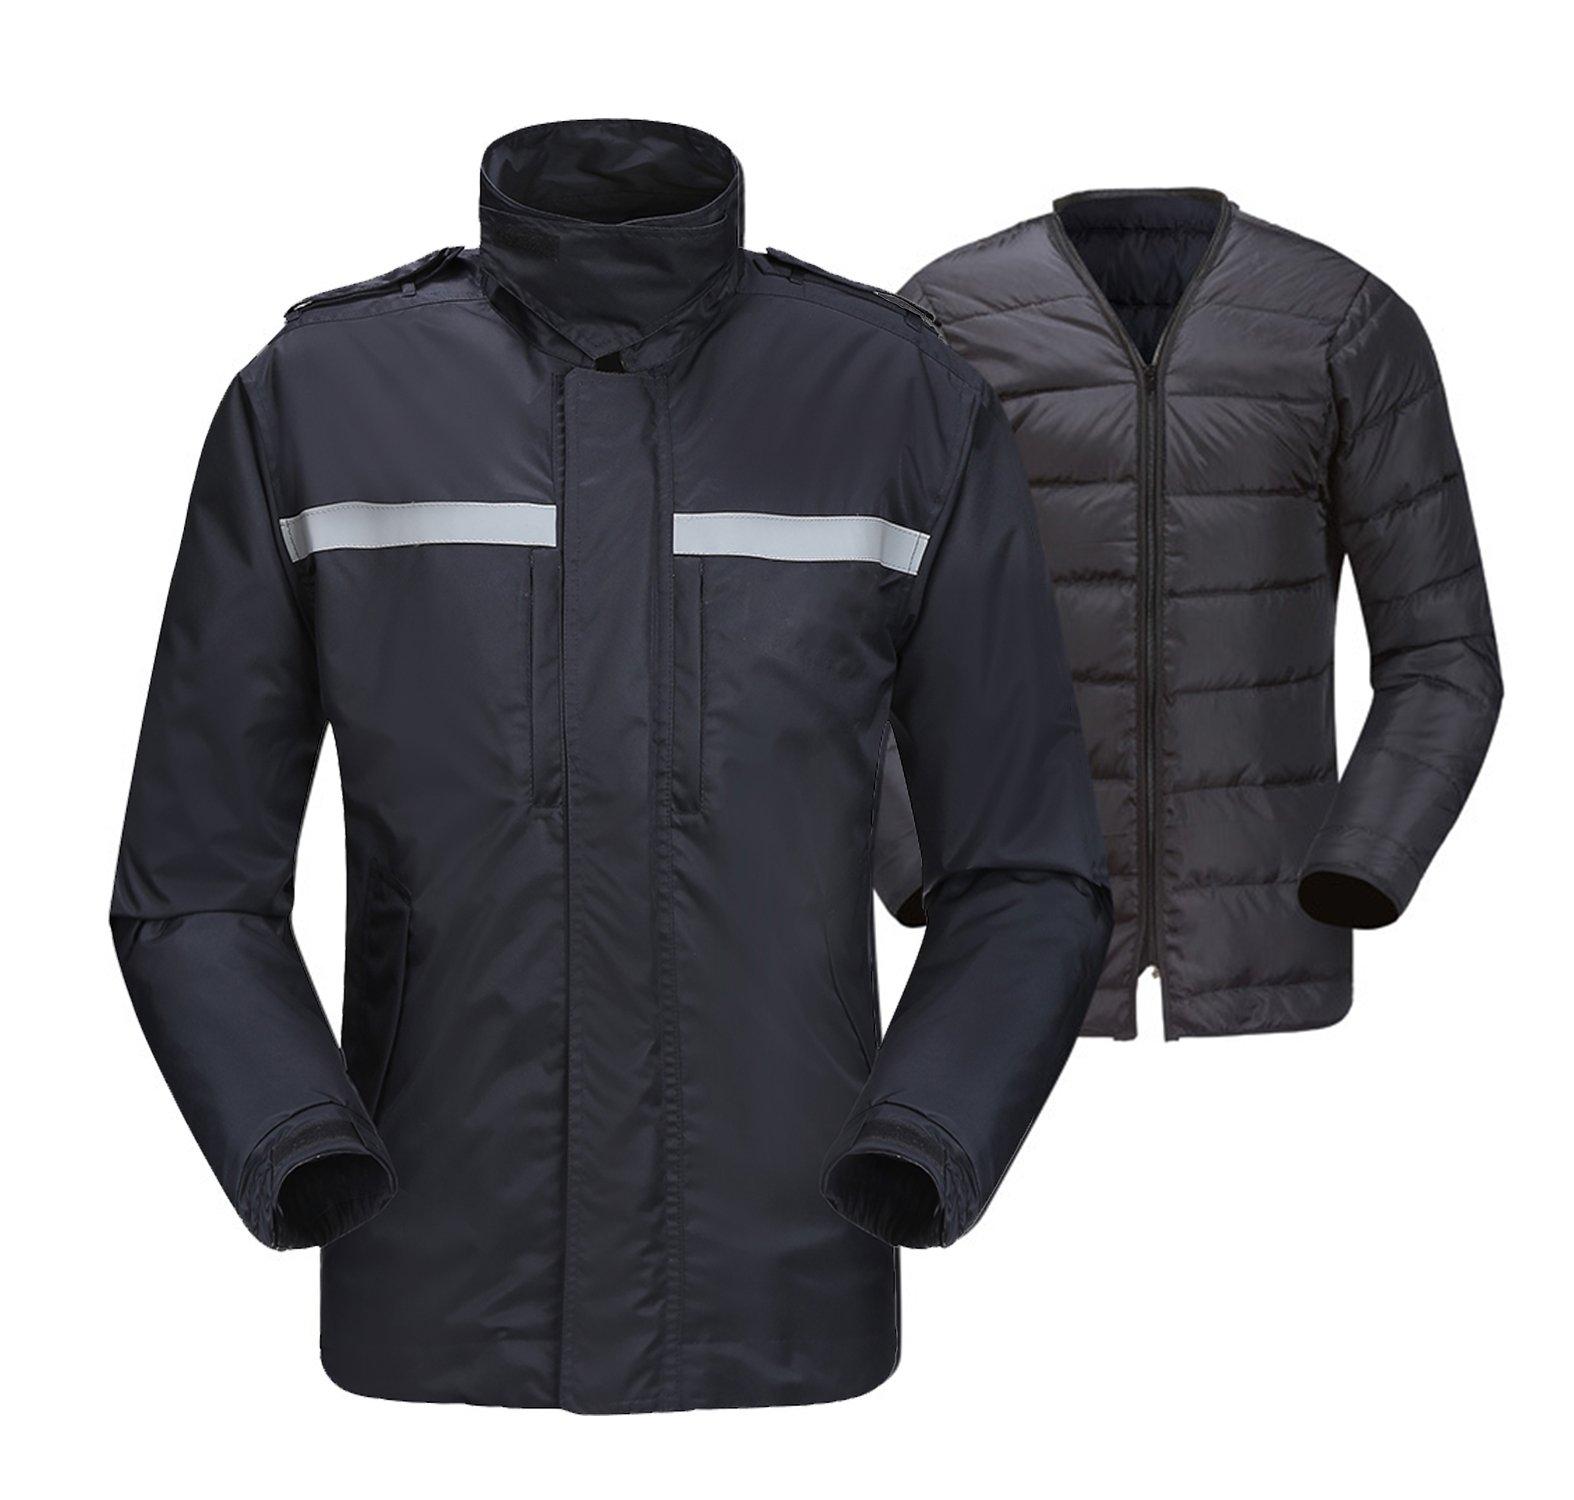 Insun Men's Rain Jacket Waterproof Outdoor Winter Duck Down Coat 2 in 1 XS Black